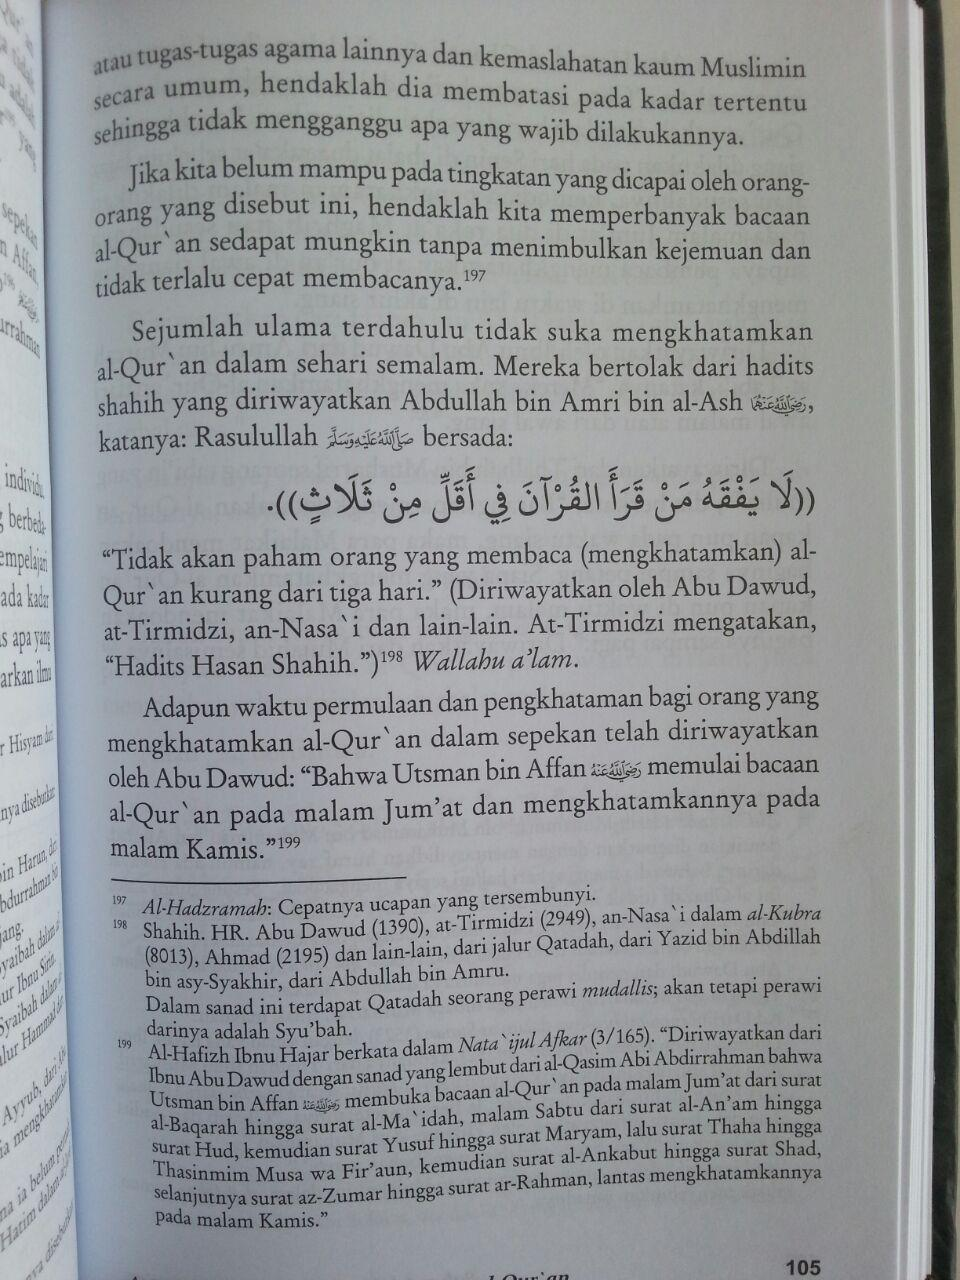 Buku At-Tibyan Adab Berinteraksi Dengan Al-Qur'an isi 3